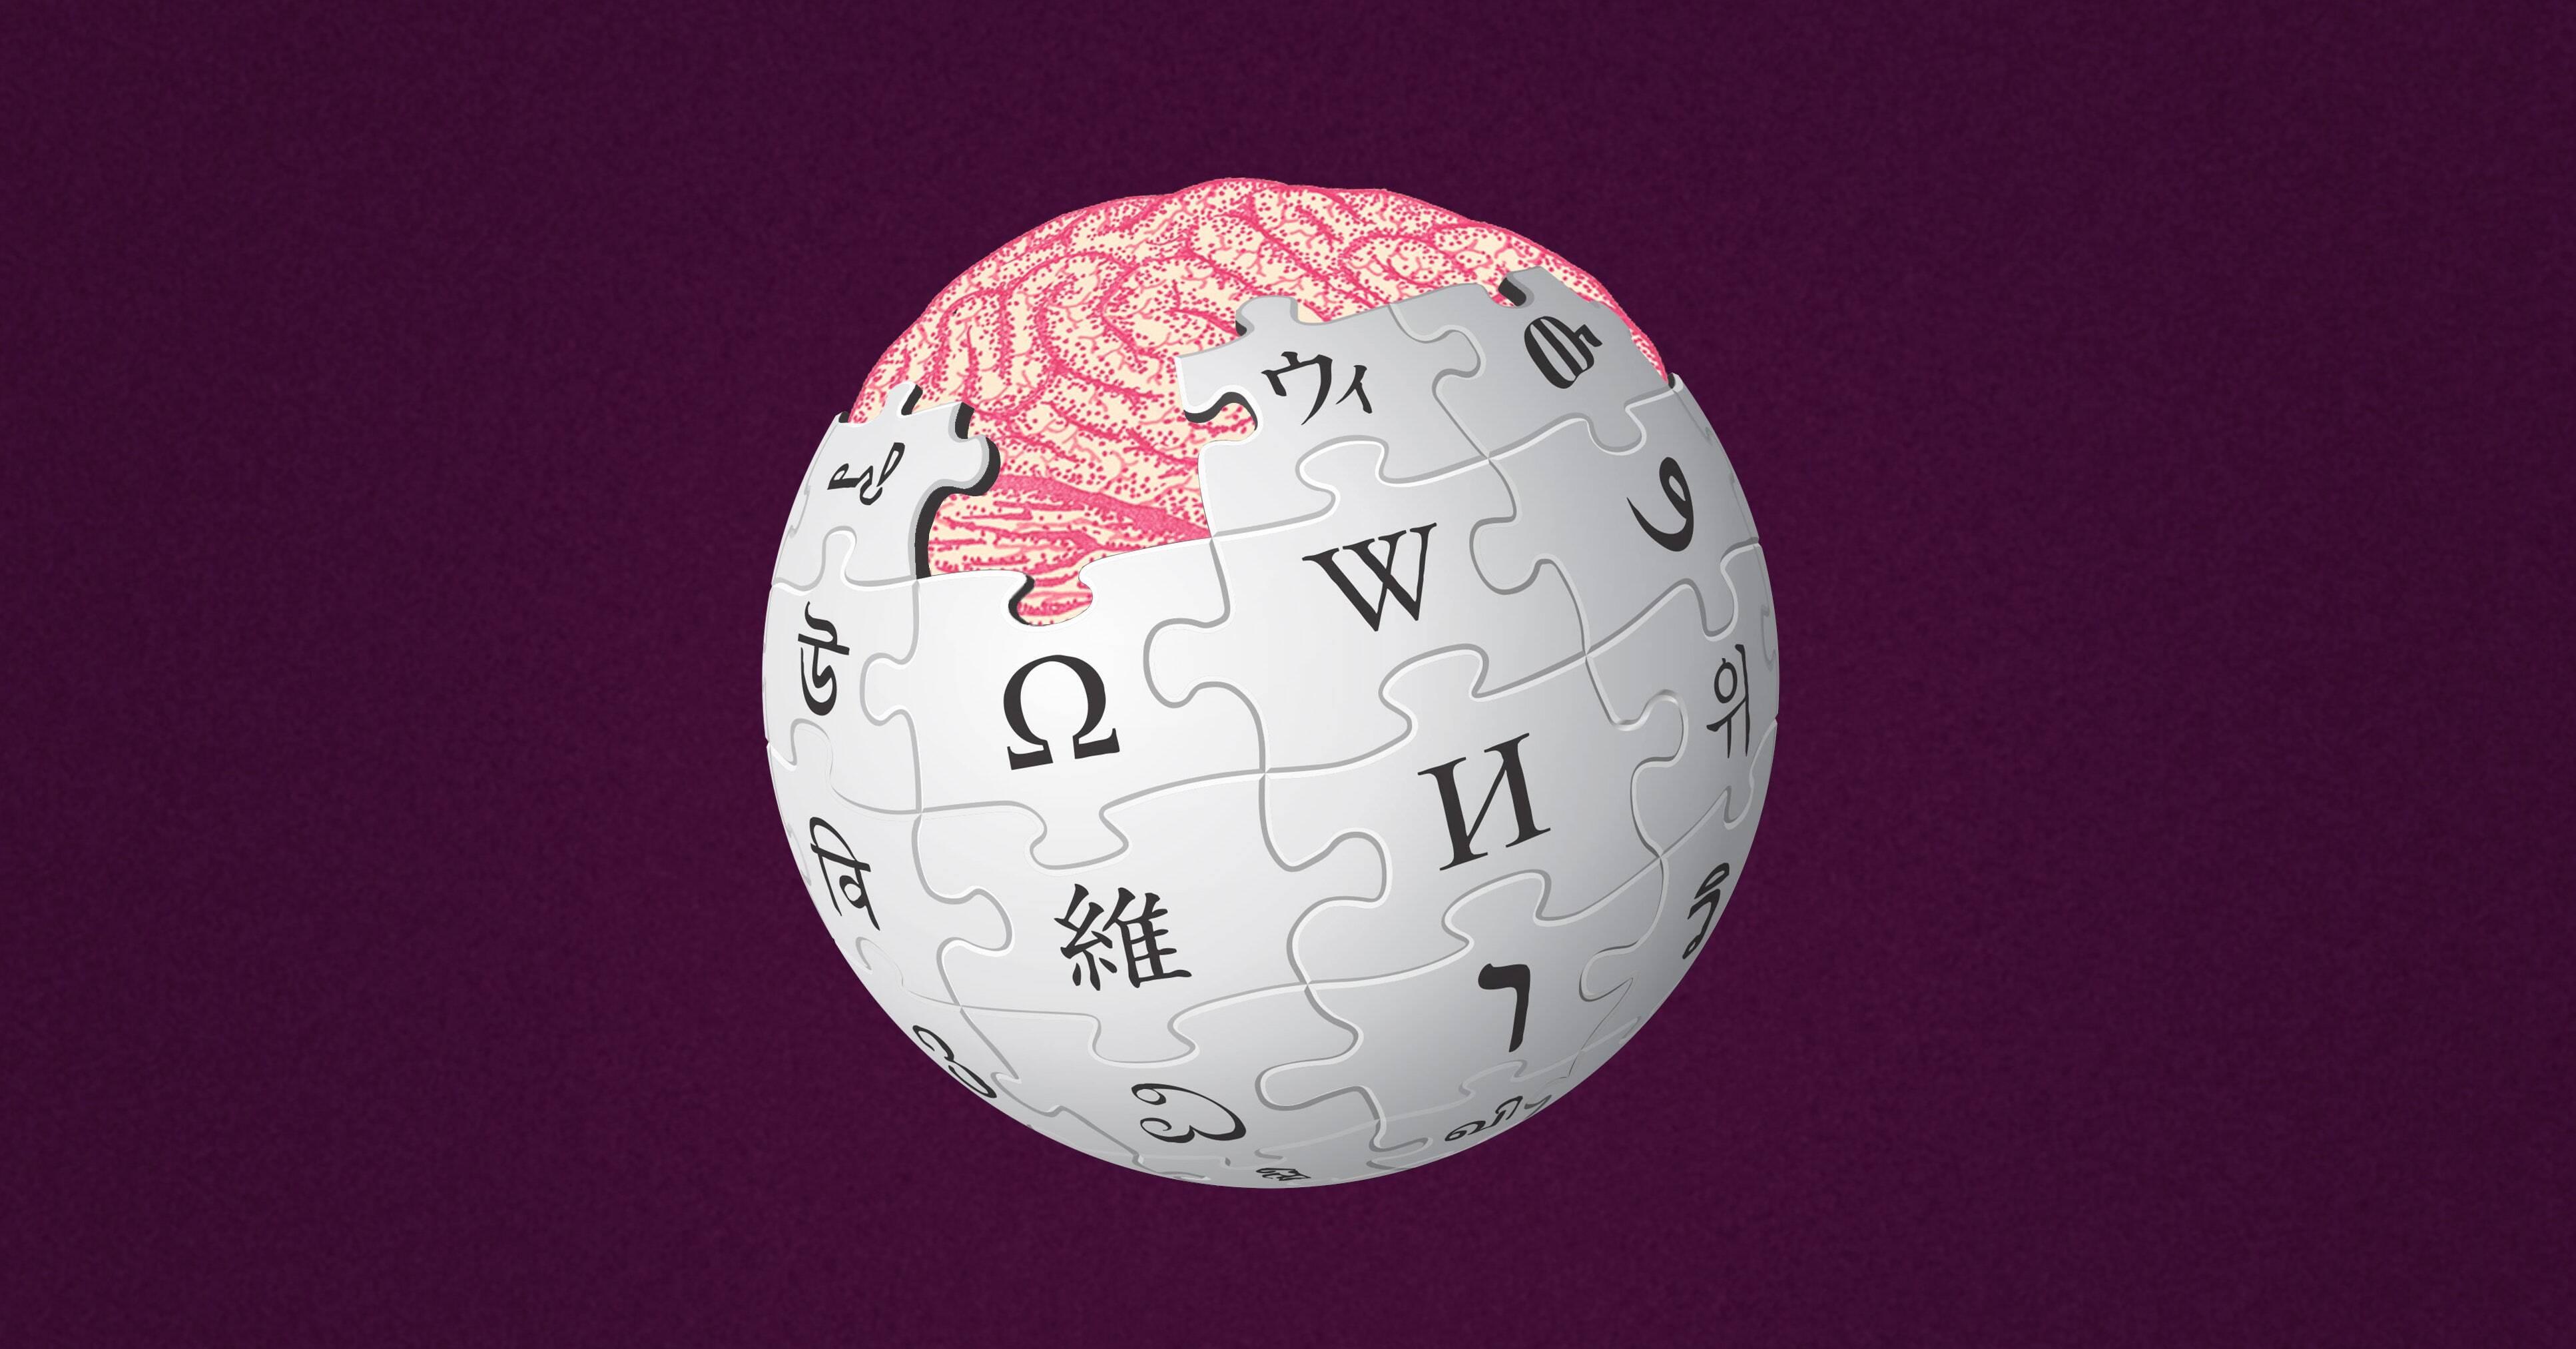 维基百科技术架构演进分析